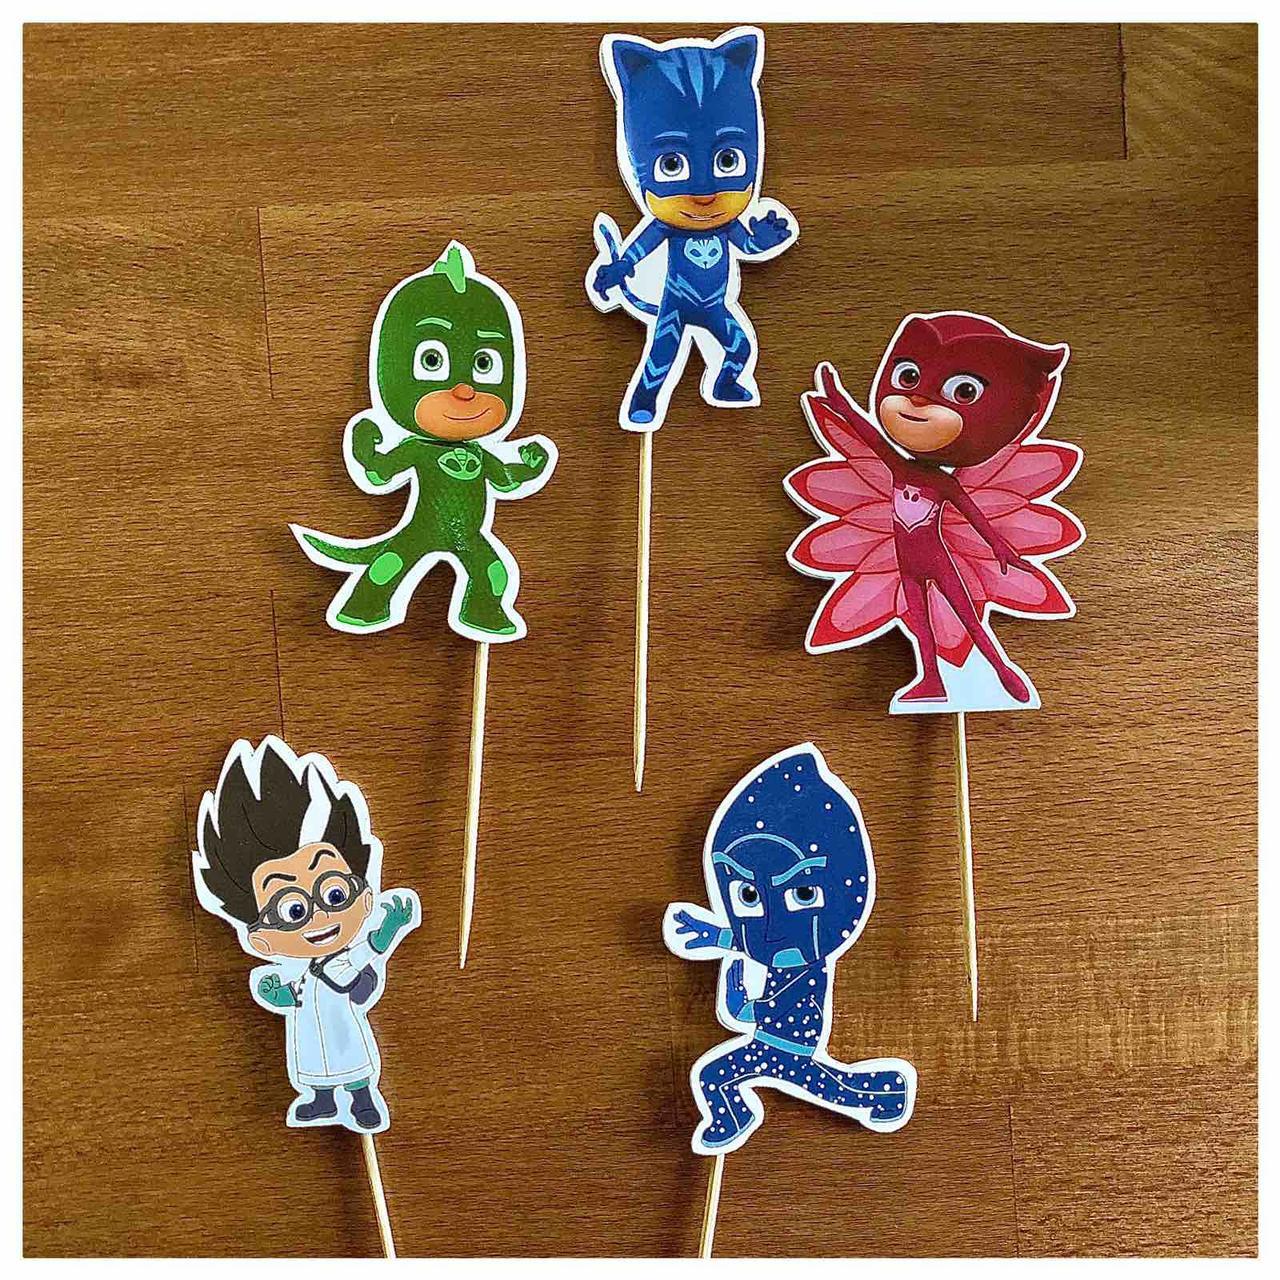 Комплект топперов Супер герої в масках | | Топпери на торт для дітей | Комплект топперов з принтами